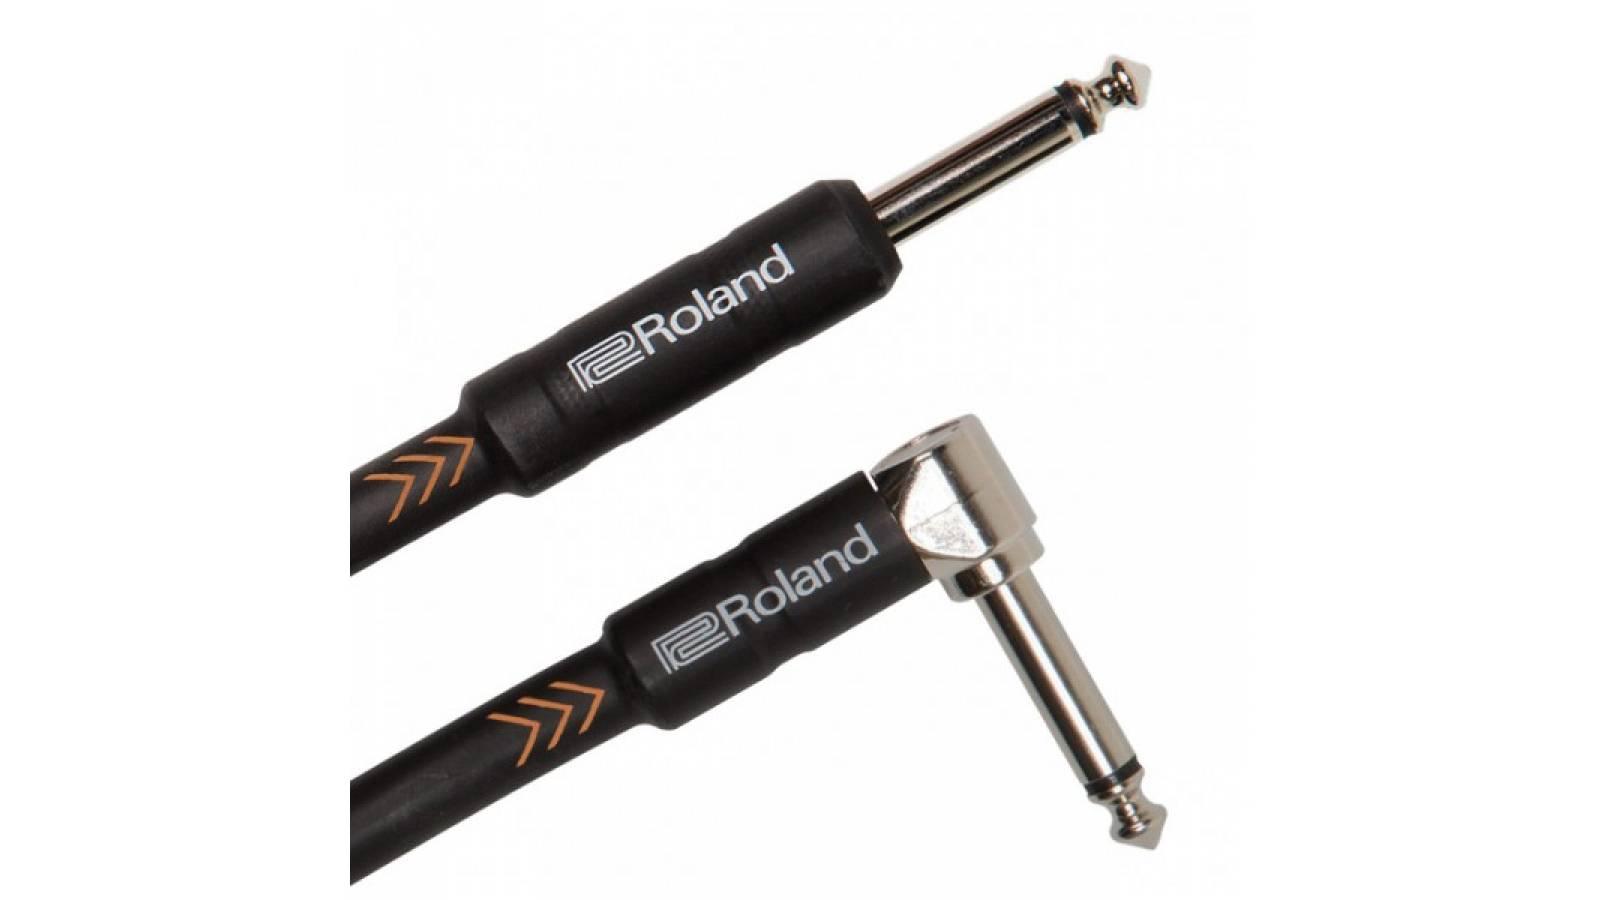 Cable Instrumento Plug 1/4 a Plug 1/4 Roland Black Series